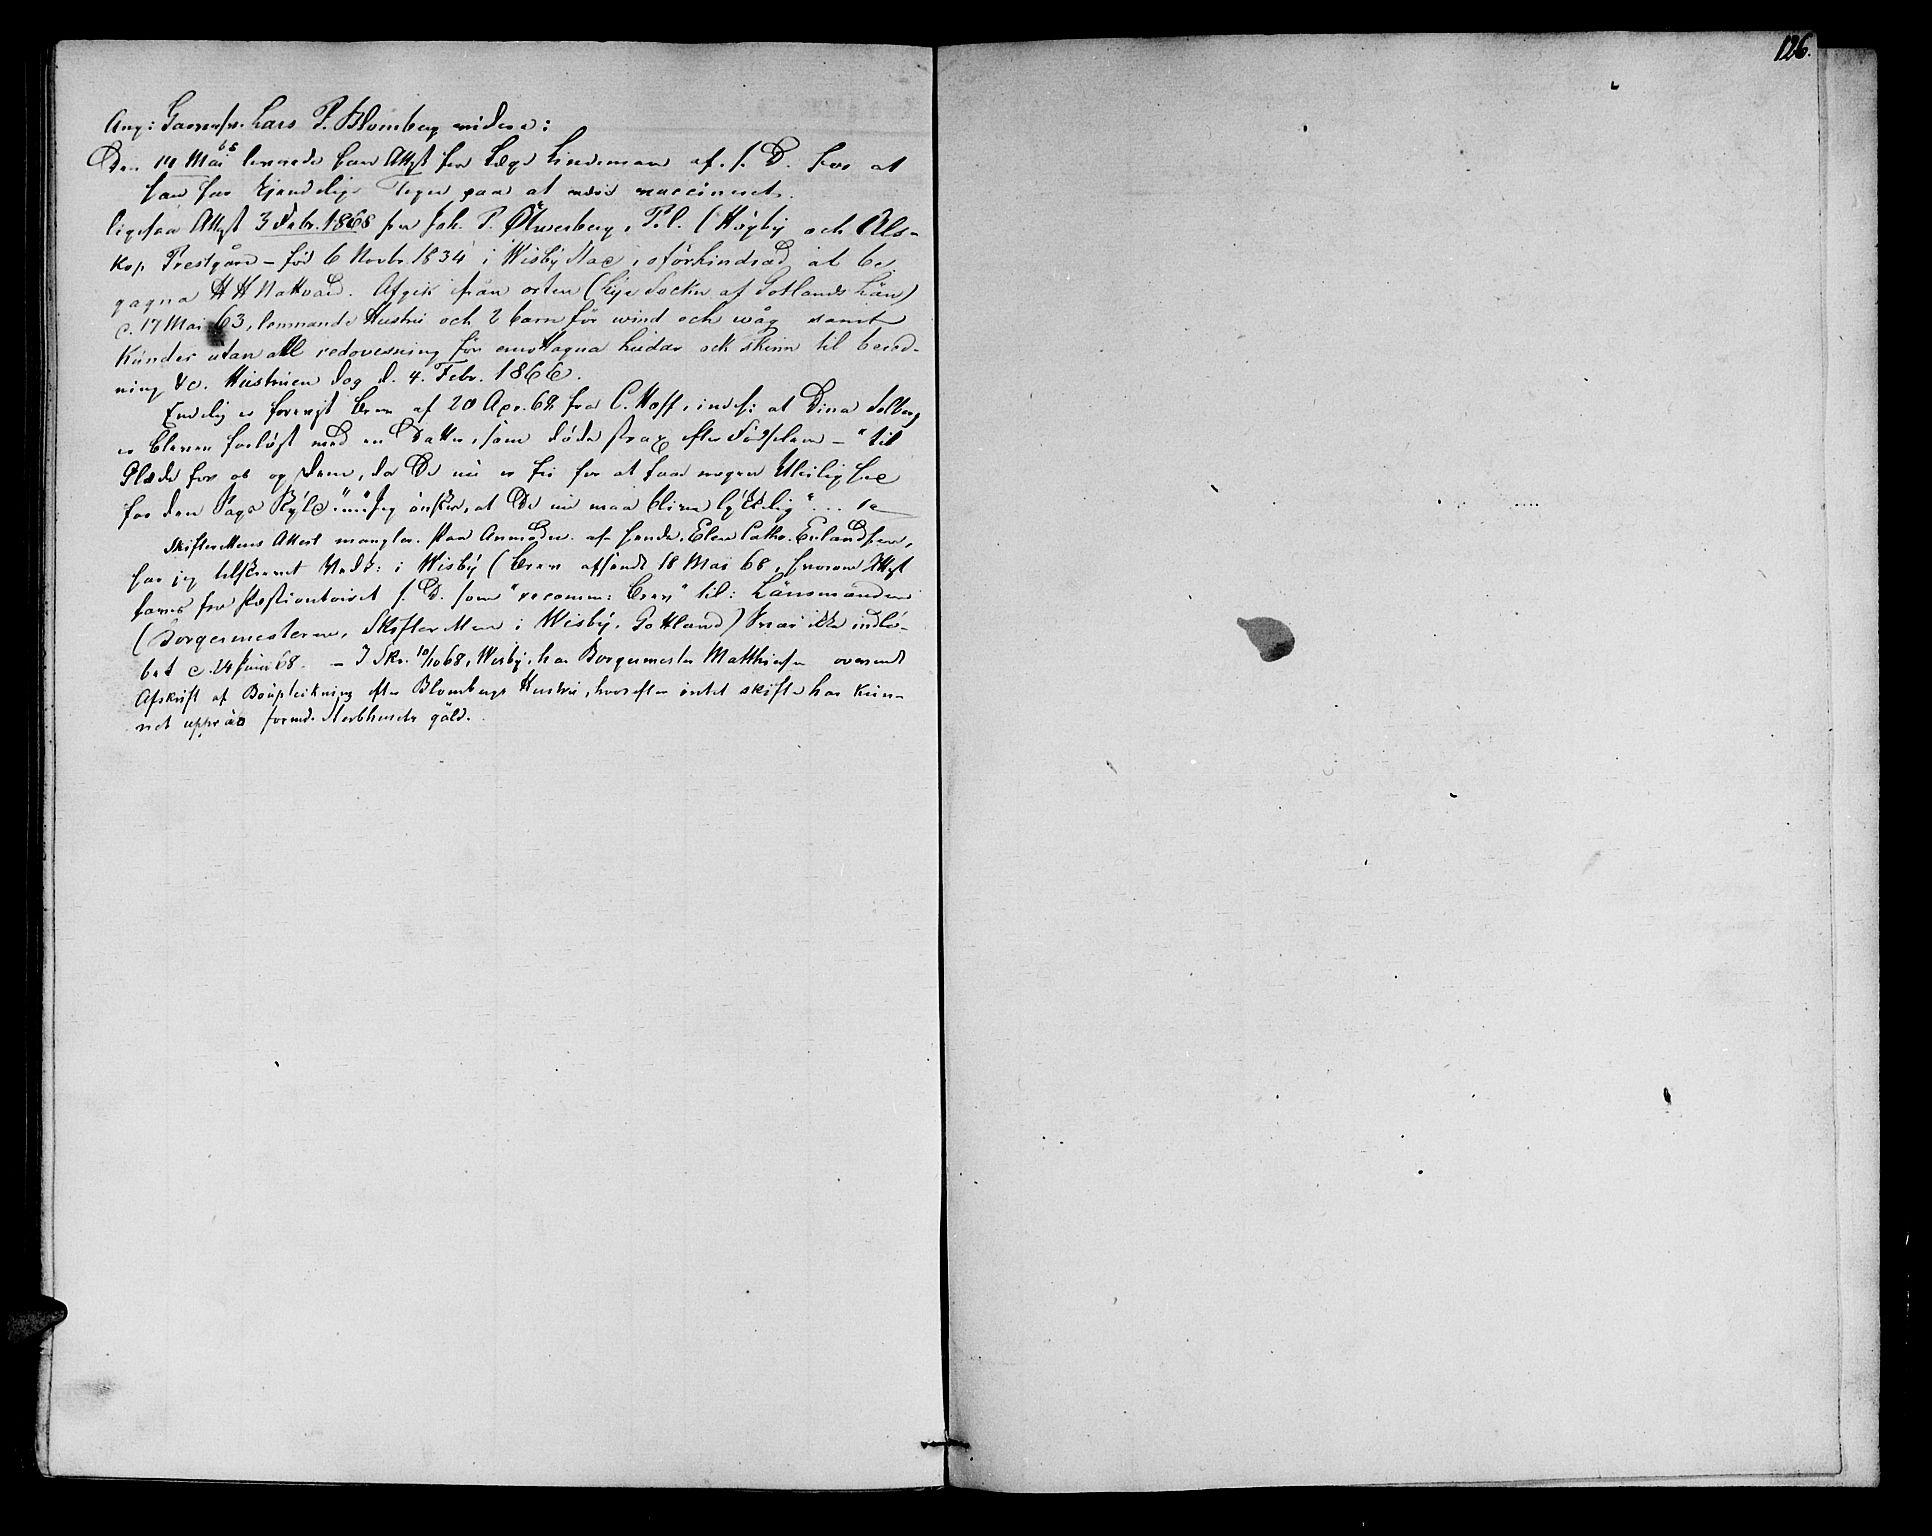 SAT, Ministerialprotokoller, klokkerbøker og fødselsregistre - Sør-Trøndelag, 602/L0111: Ministerialbok nr. 602A09, 1844-1867, s. 126